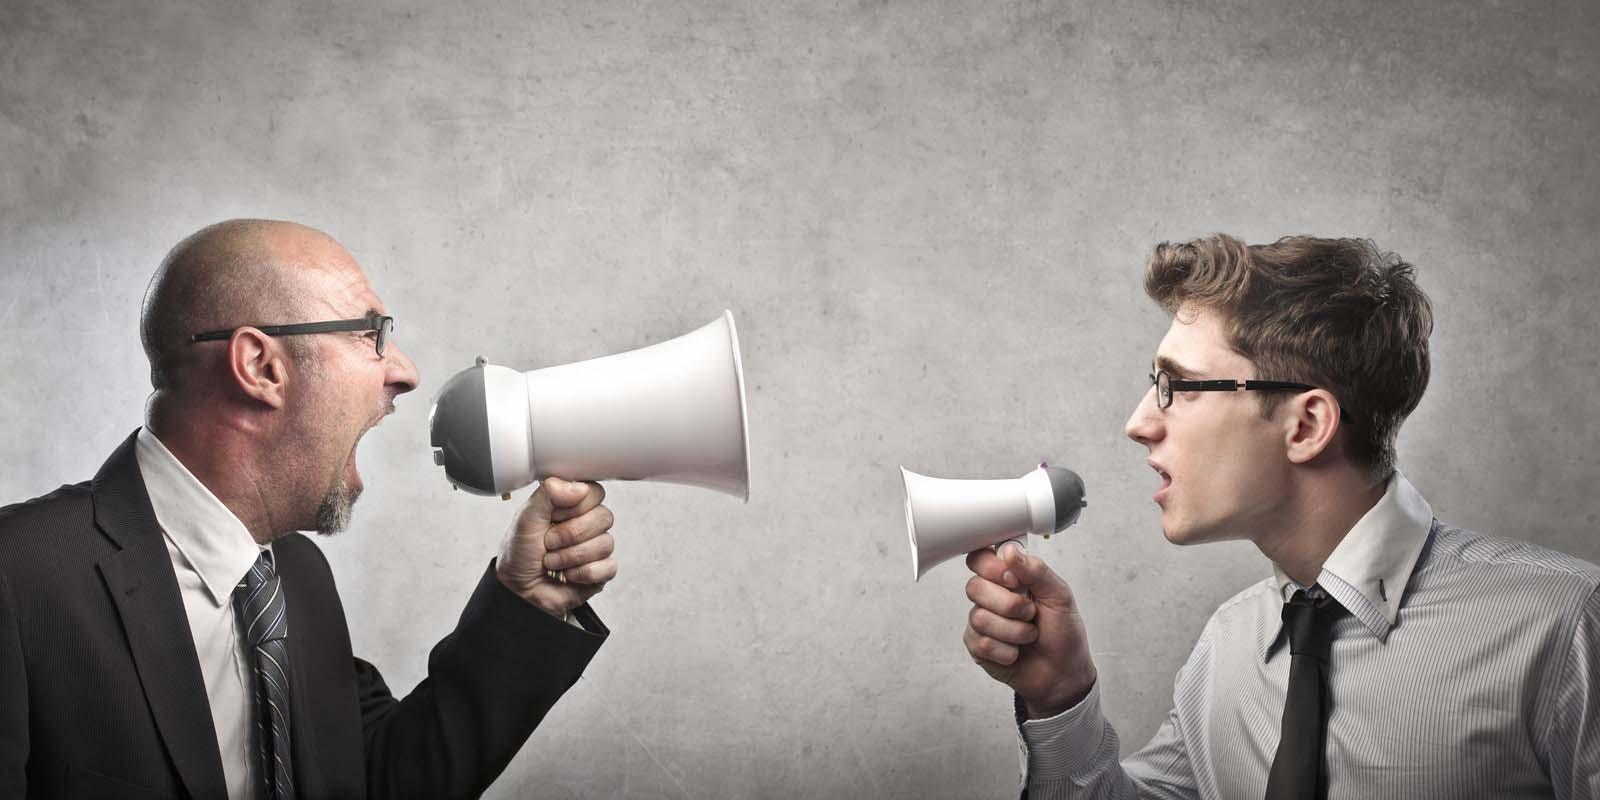 Munkahelyi konfliktusok 2. Ha már az első napodon kikezdenek a munkatársak...